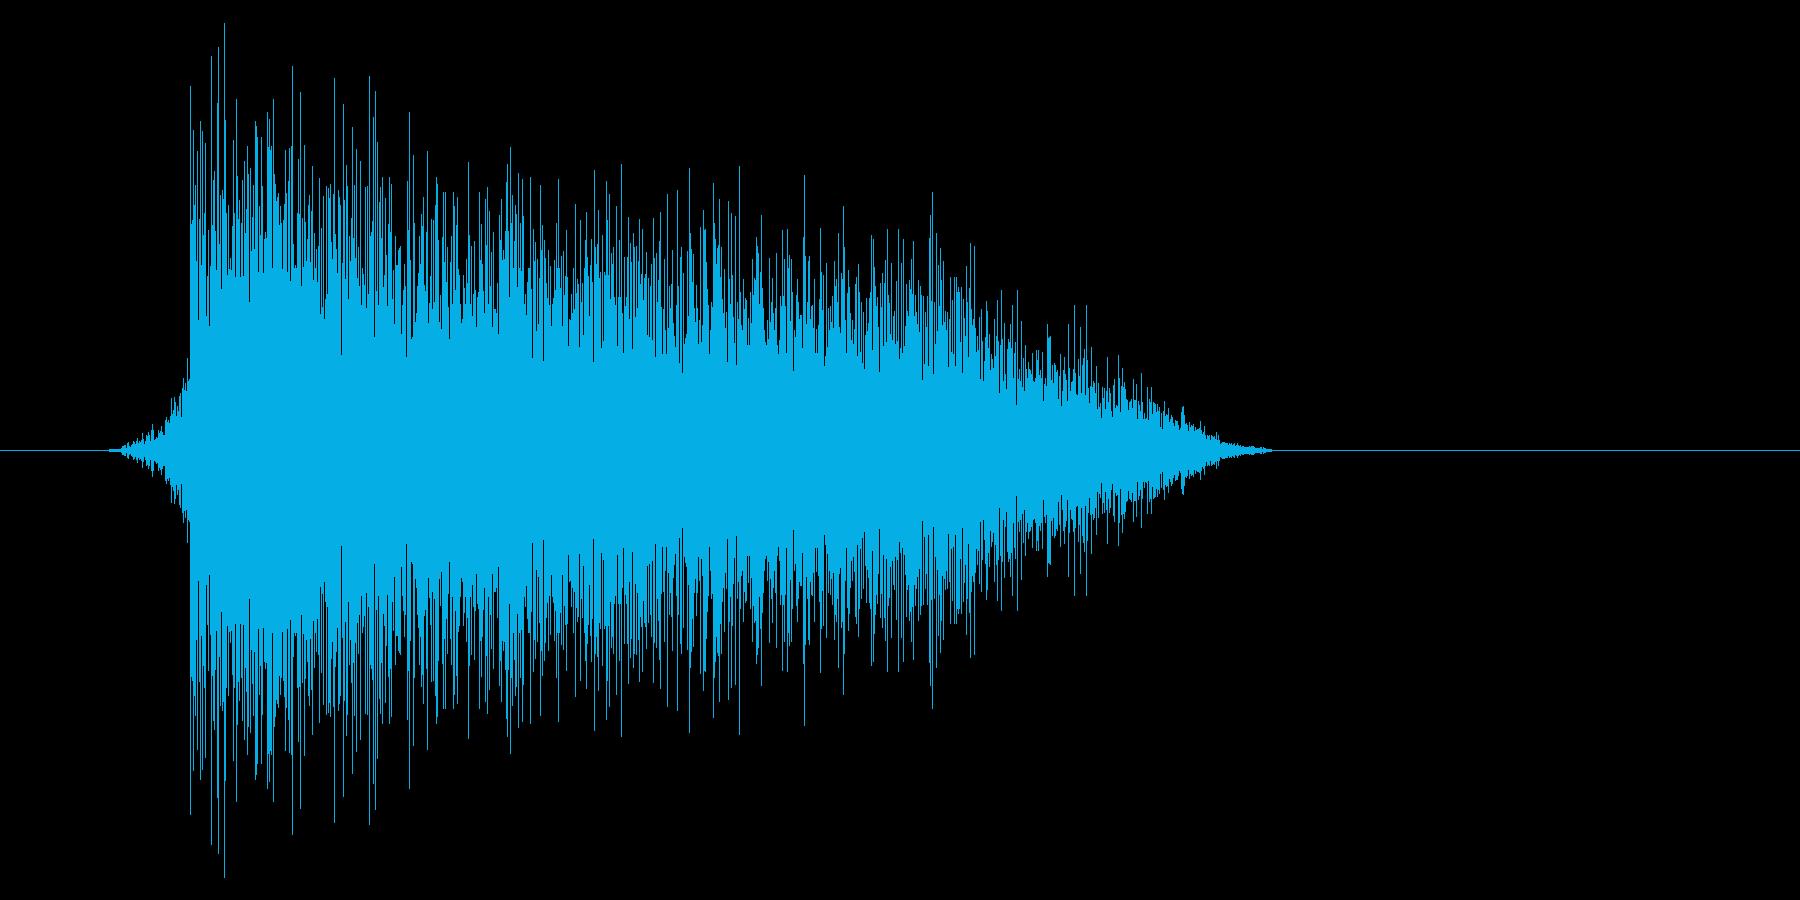 ゲーム(ファミコン風)爆発音_028の再生済みの波形